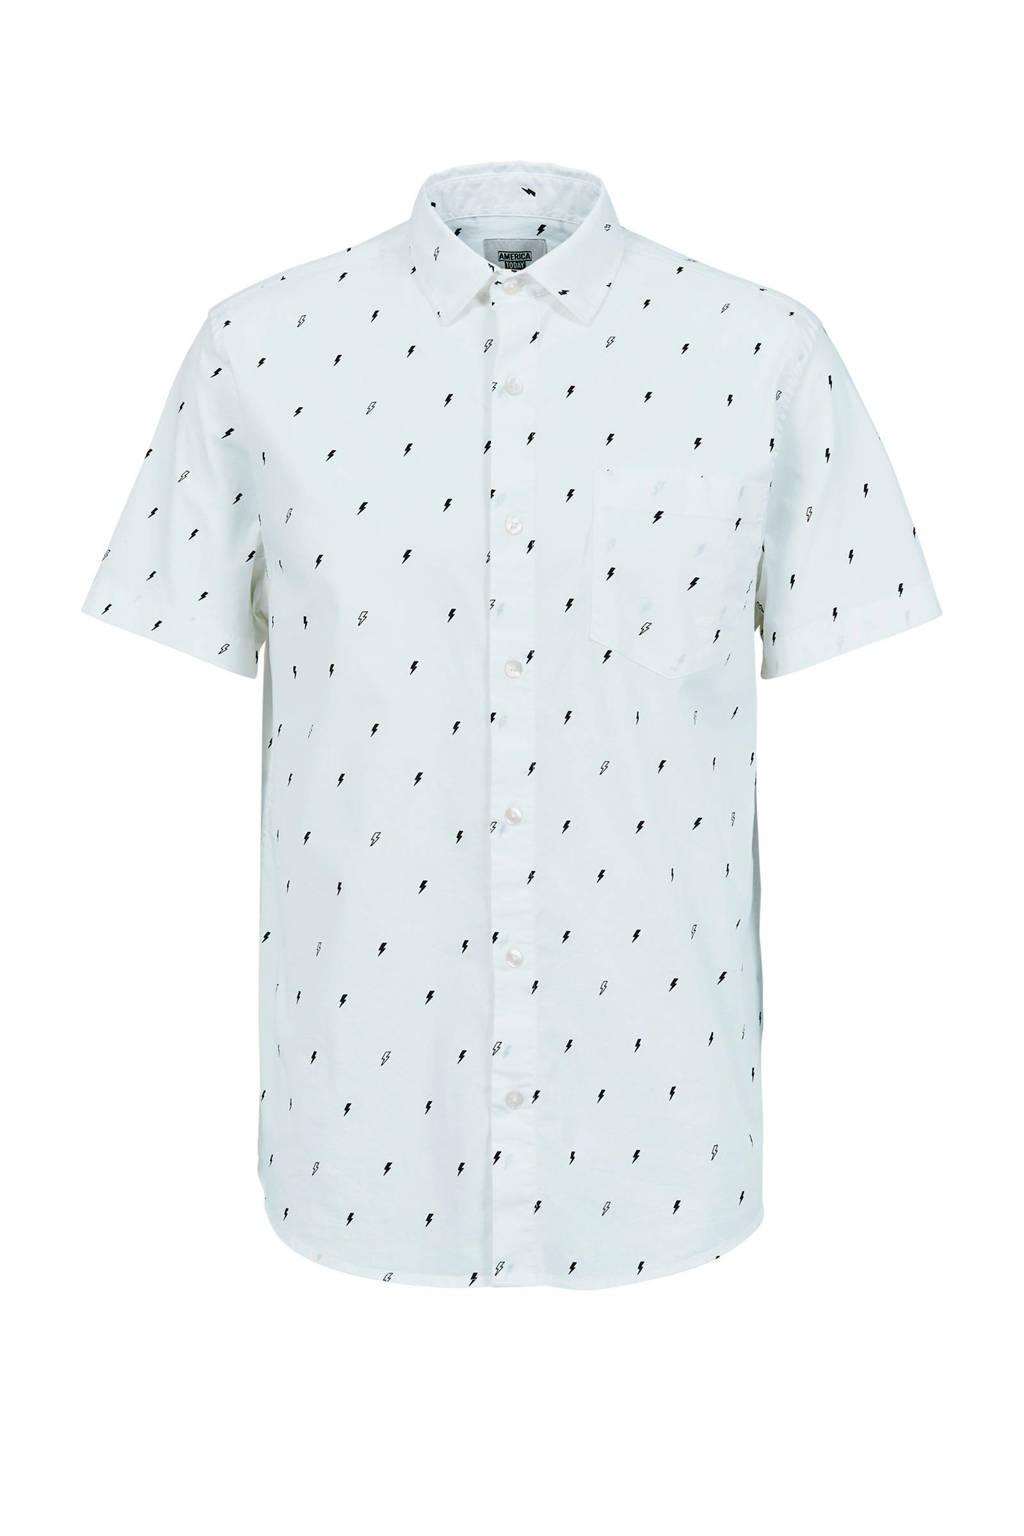 America Today regular fit overhemd Izra met all over print gebroken wit, Gebroken wit